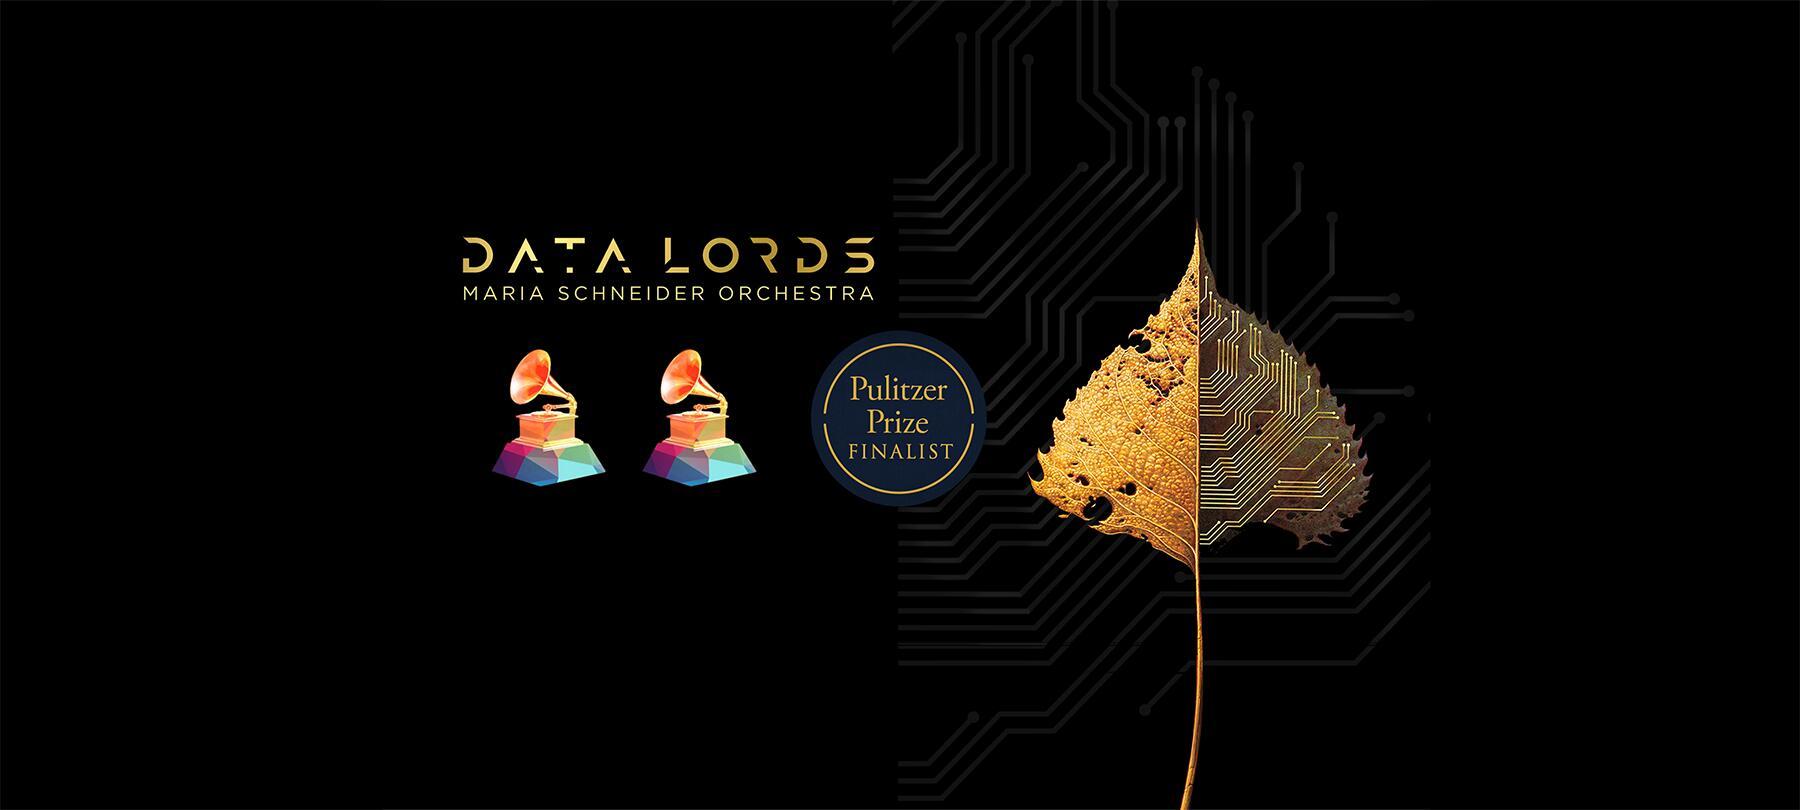 Maria Schneider Data Lords